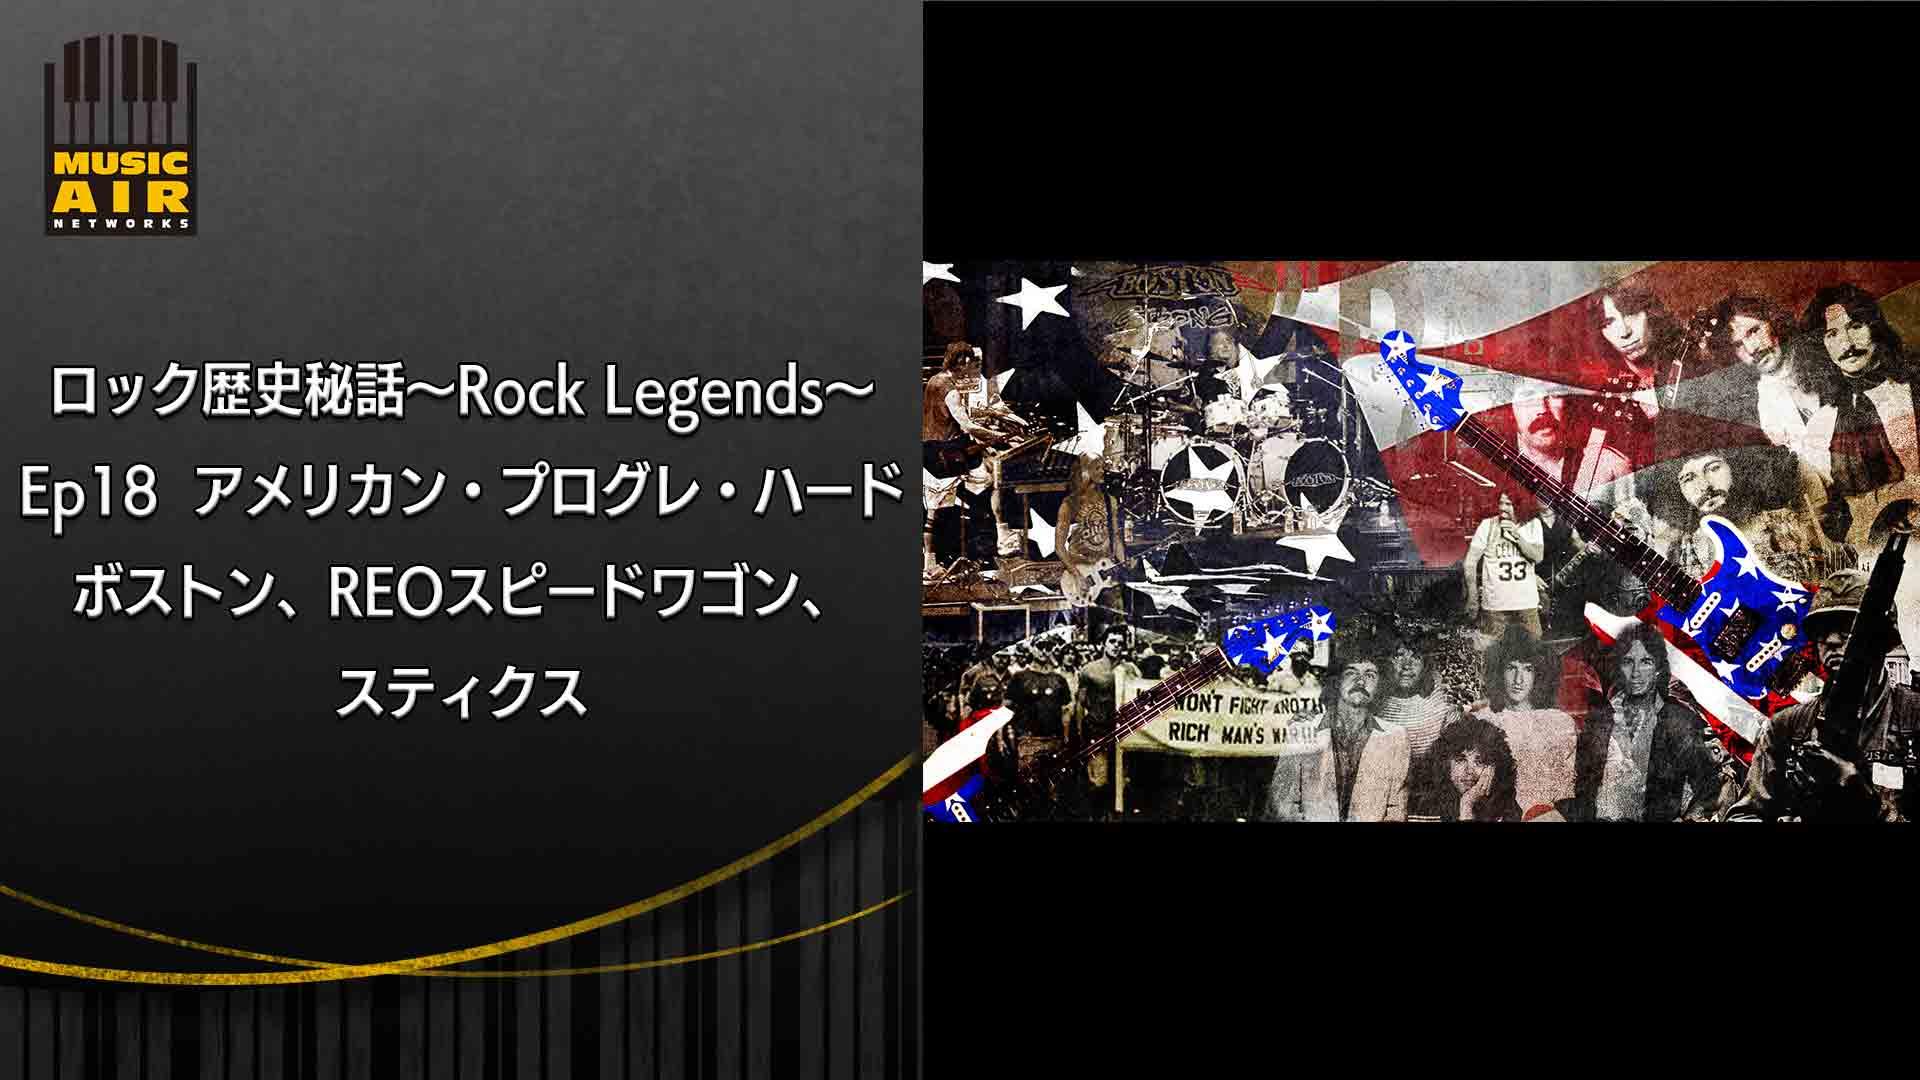 ロック歴史秘話~Rock Legends~Ep18 アメリカン・プログレ・ハード▽ボストン、REOスピードワゴン、スティクス(字幕版)